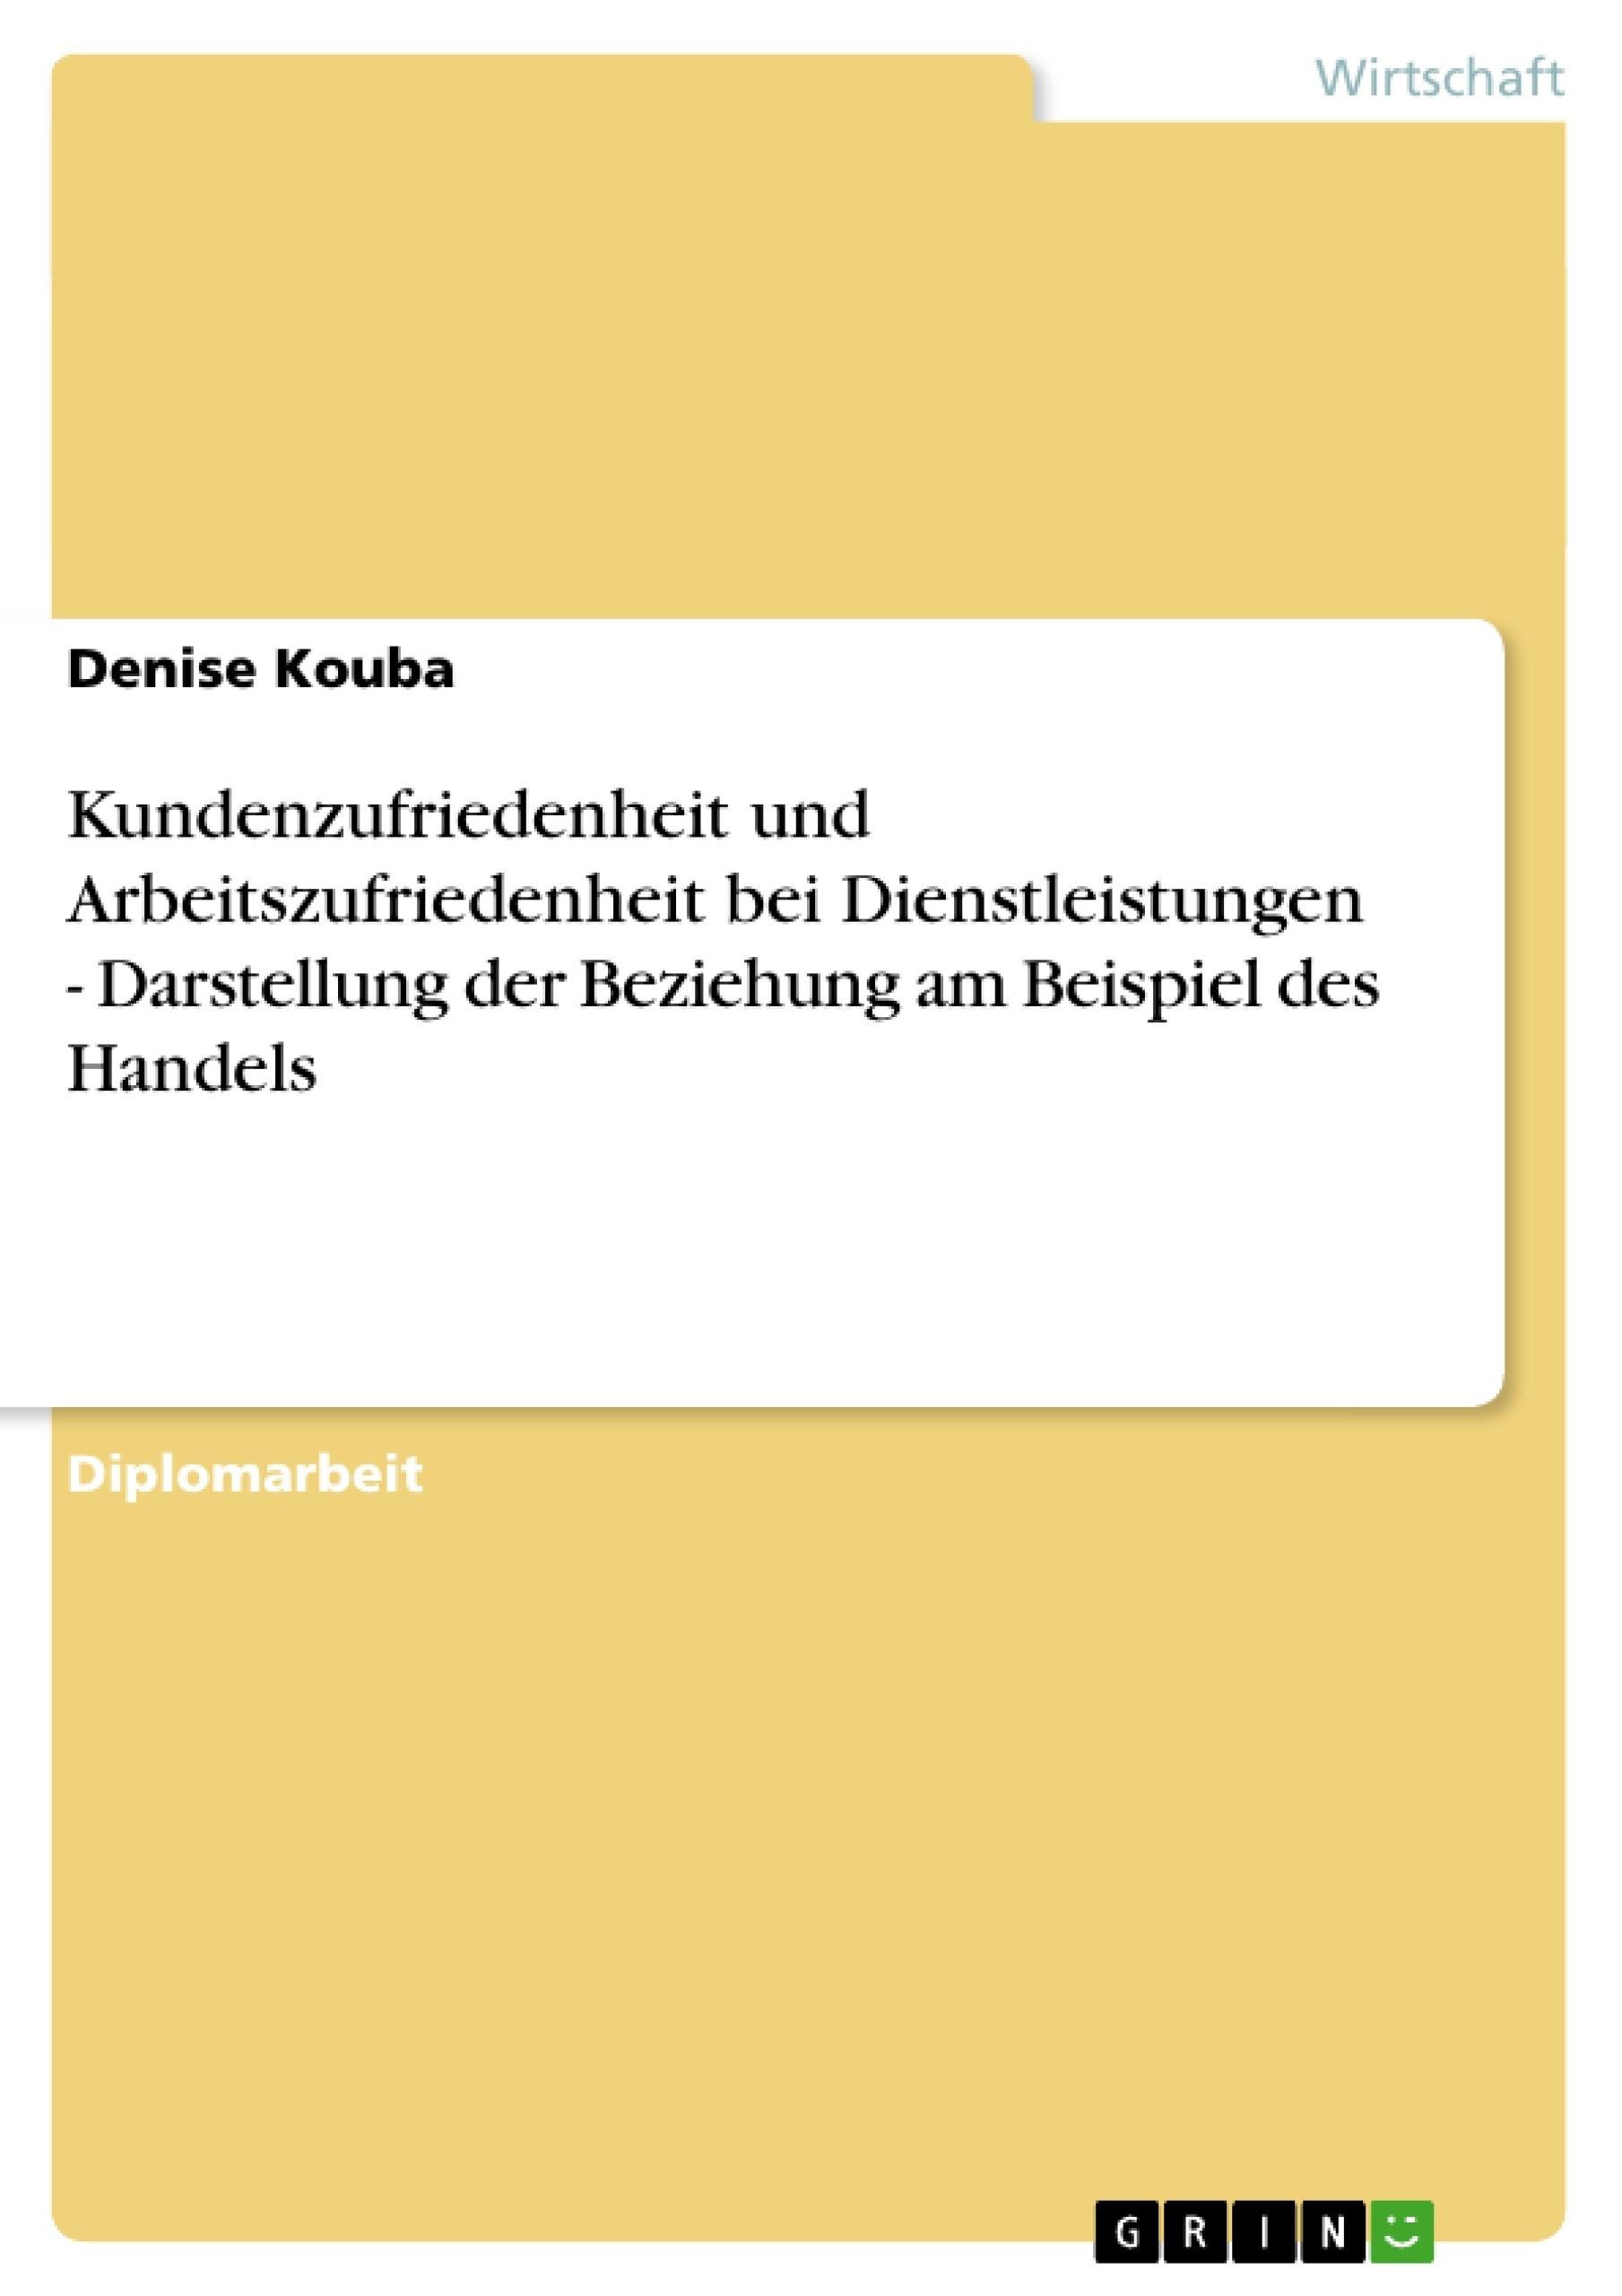 Titel: Kundenzufriedenheit und Arbeitszufriedenheit bei Dienstleistungen - Darstellung der Beziehung am Beispiel des Handels